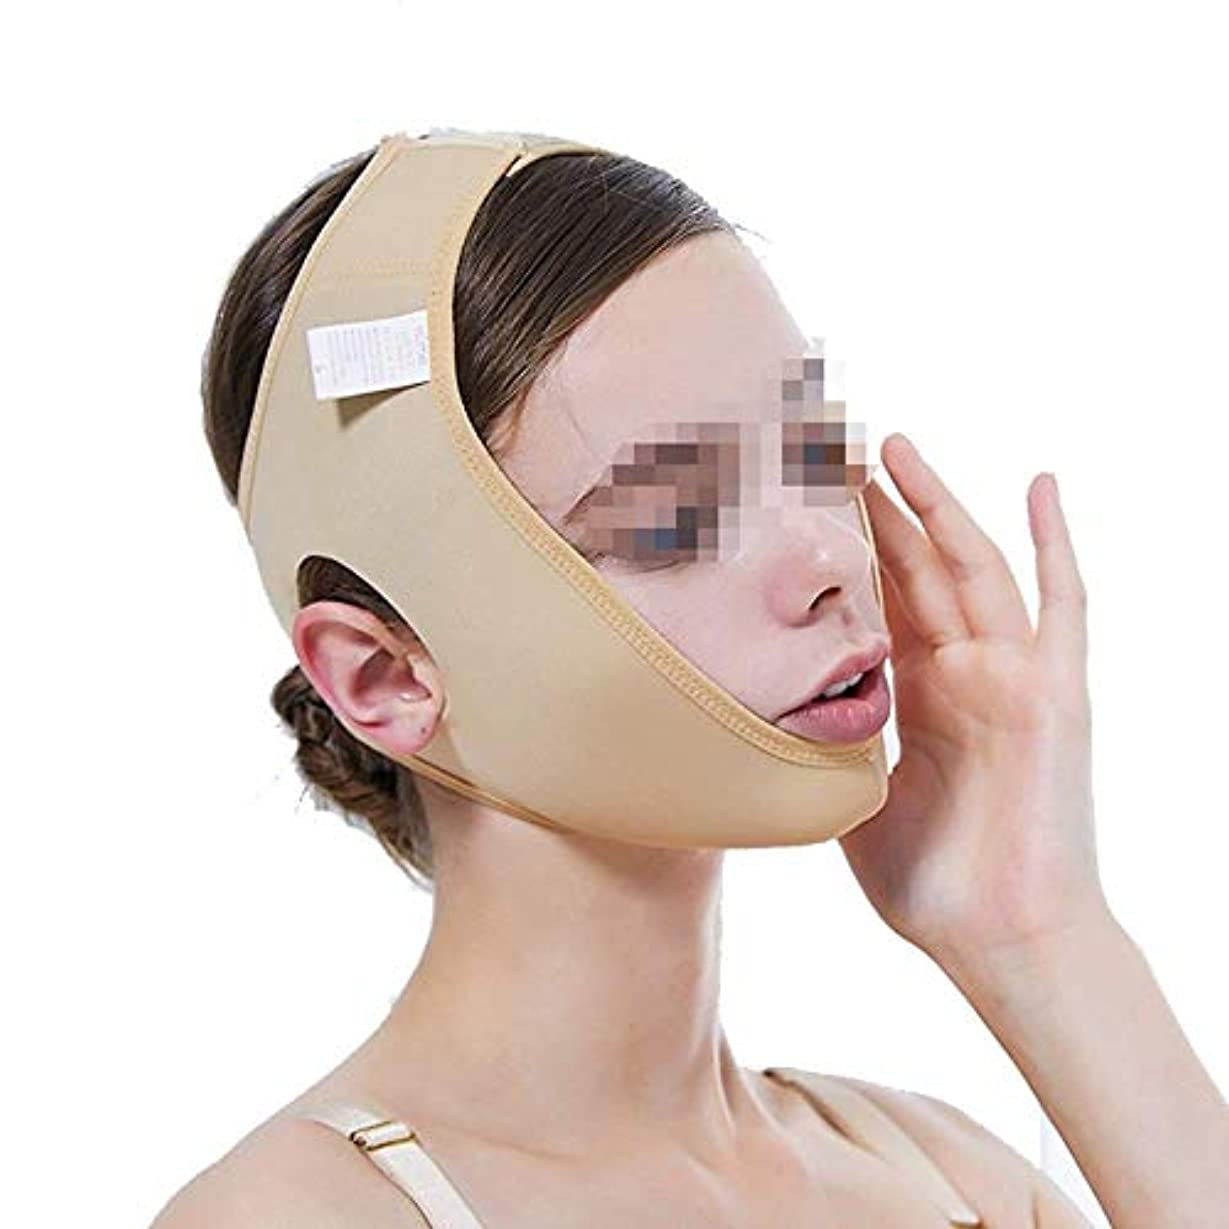 フォアマンほのめかす時折術後ヘッドギア、薄型ダブルチンVフェイスビームフェイスジョーセットフェイスマスクマルチサイズオプション(サイズ:L)